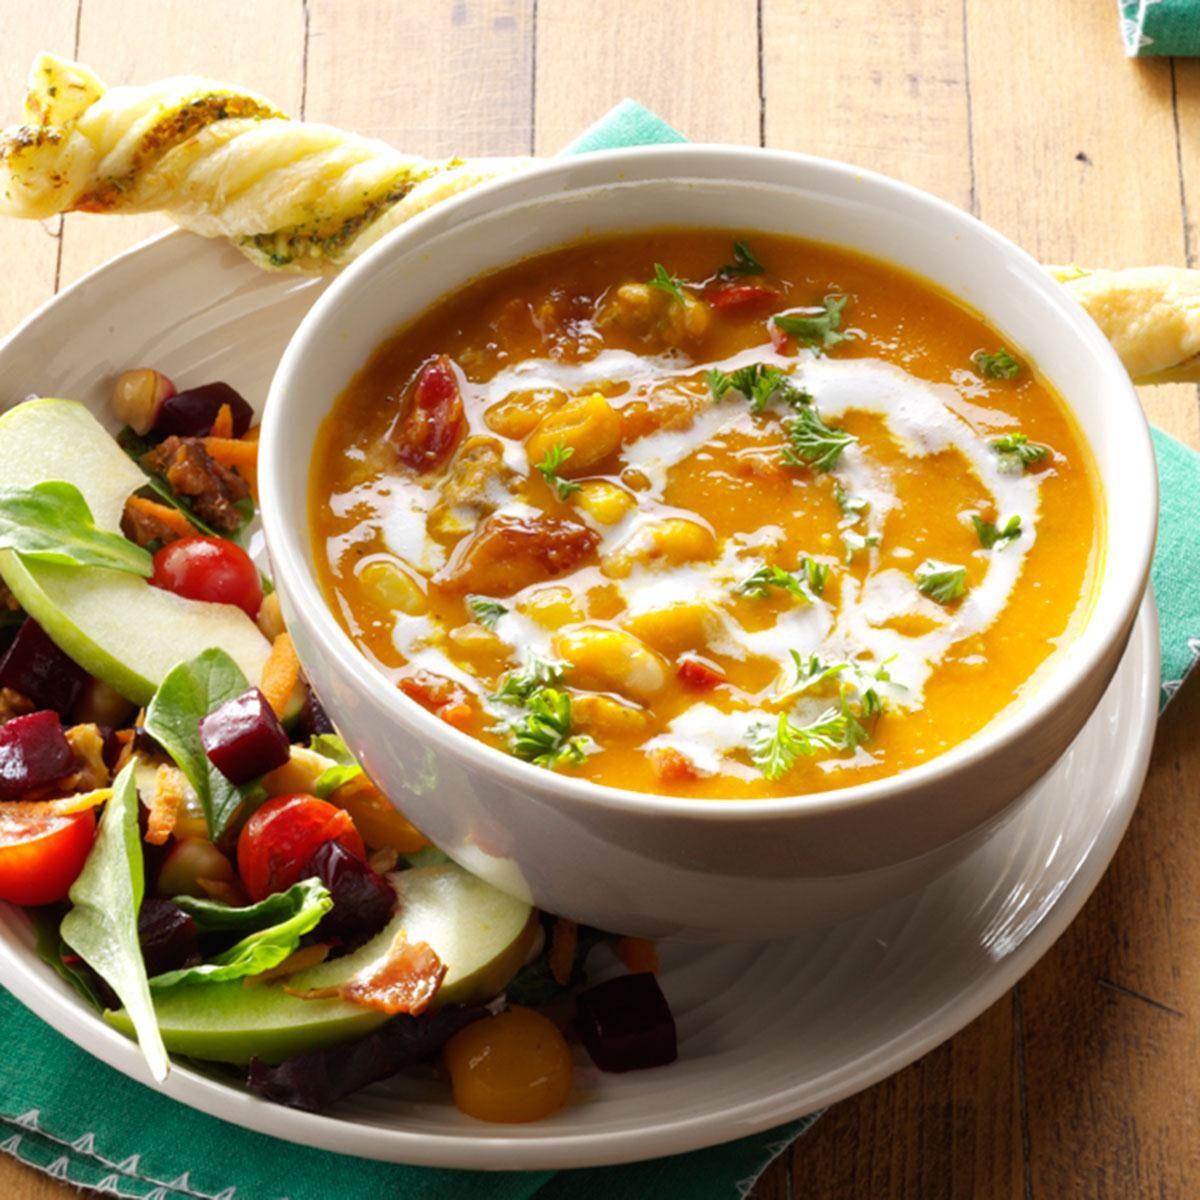 Michigan: Hearty Butternut Squash Soup